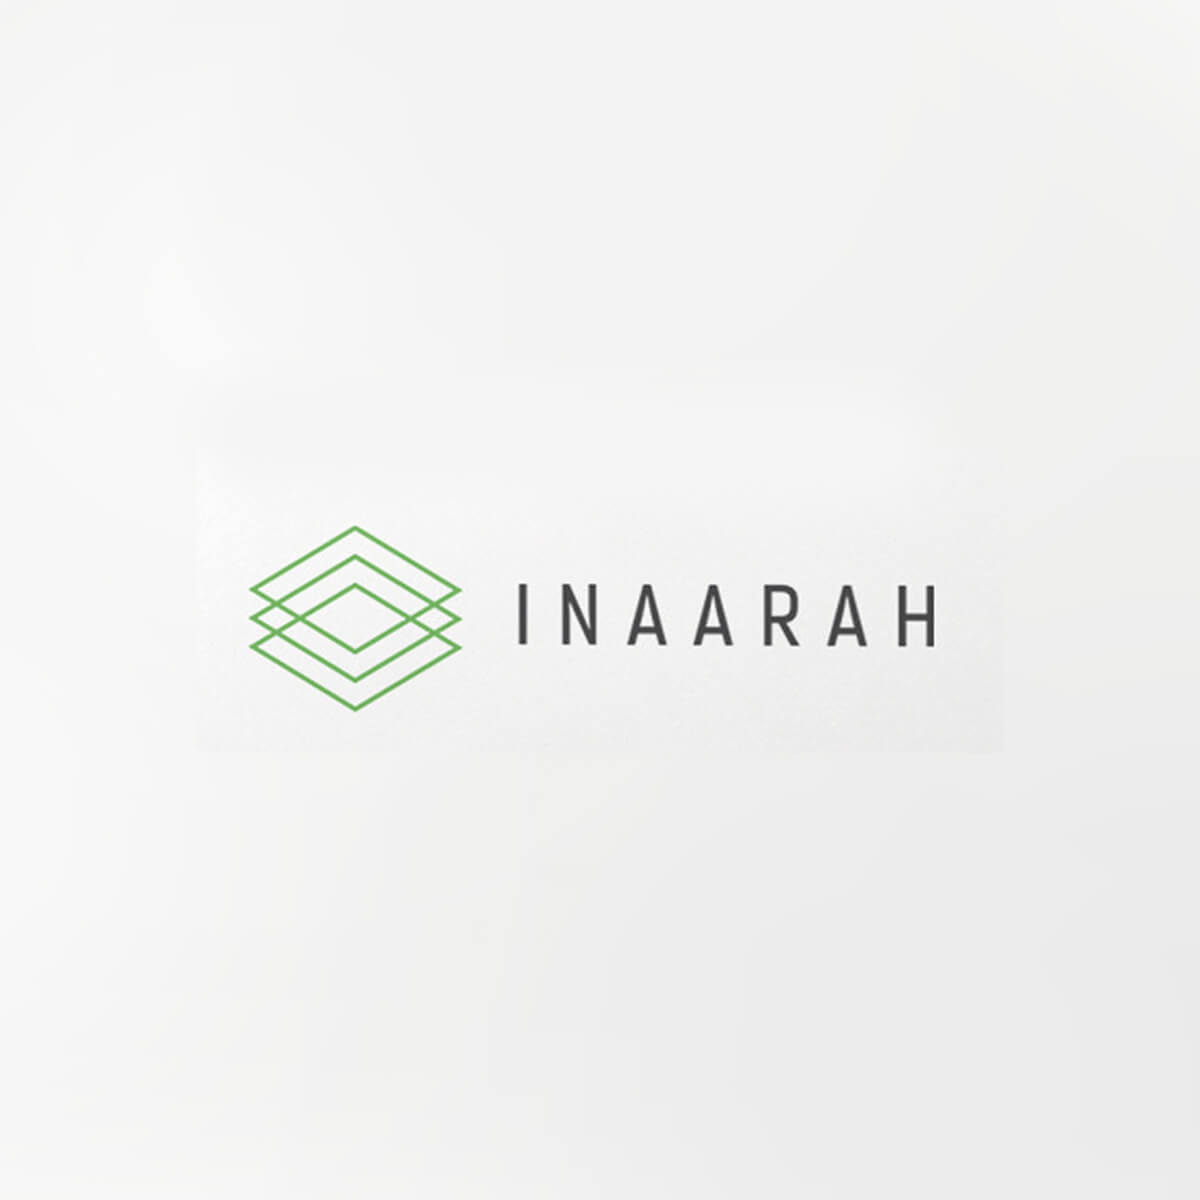 Inaarah